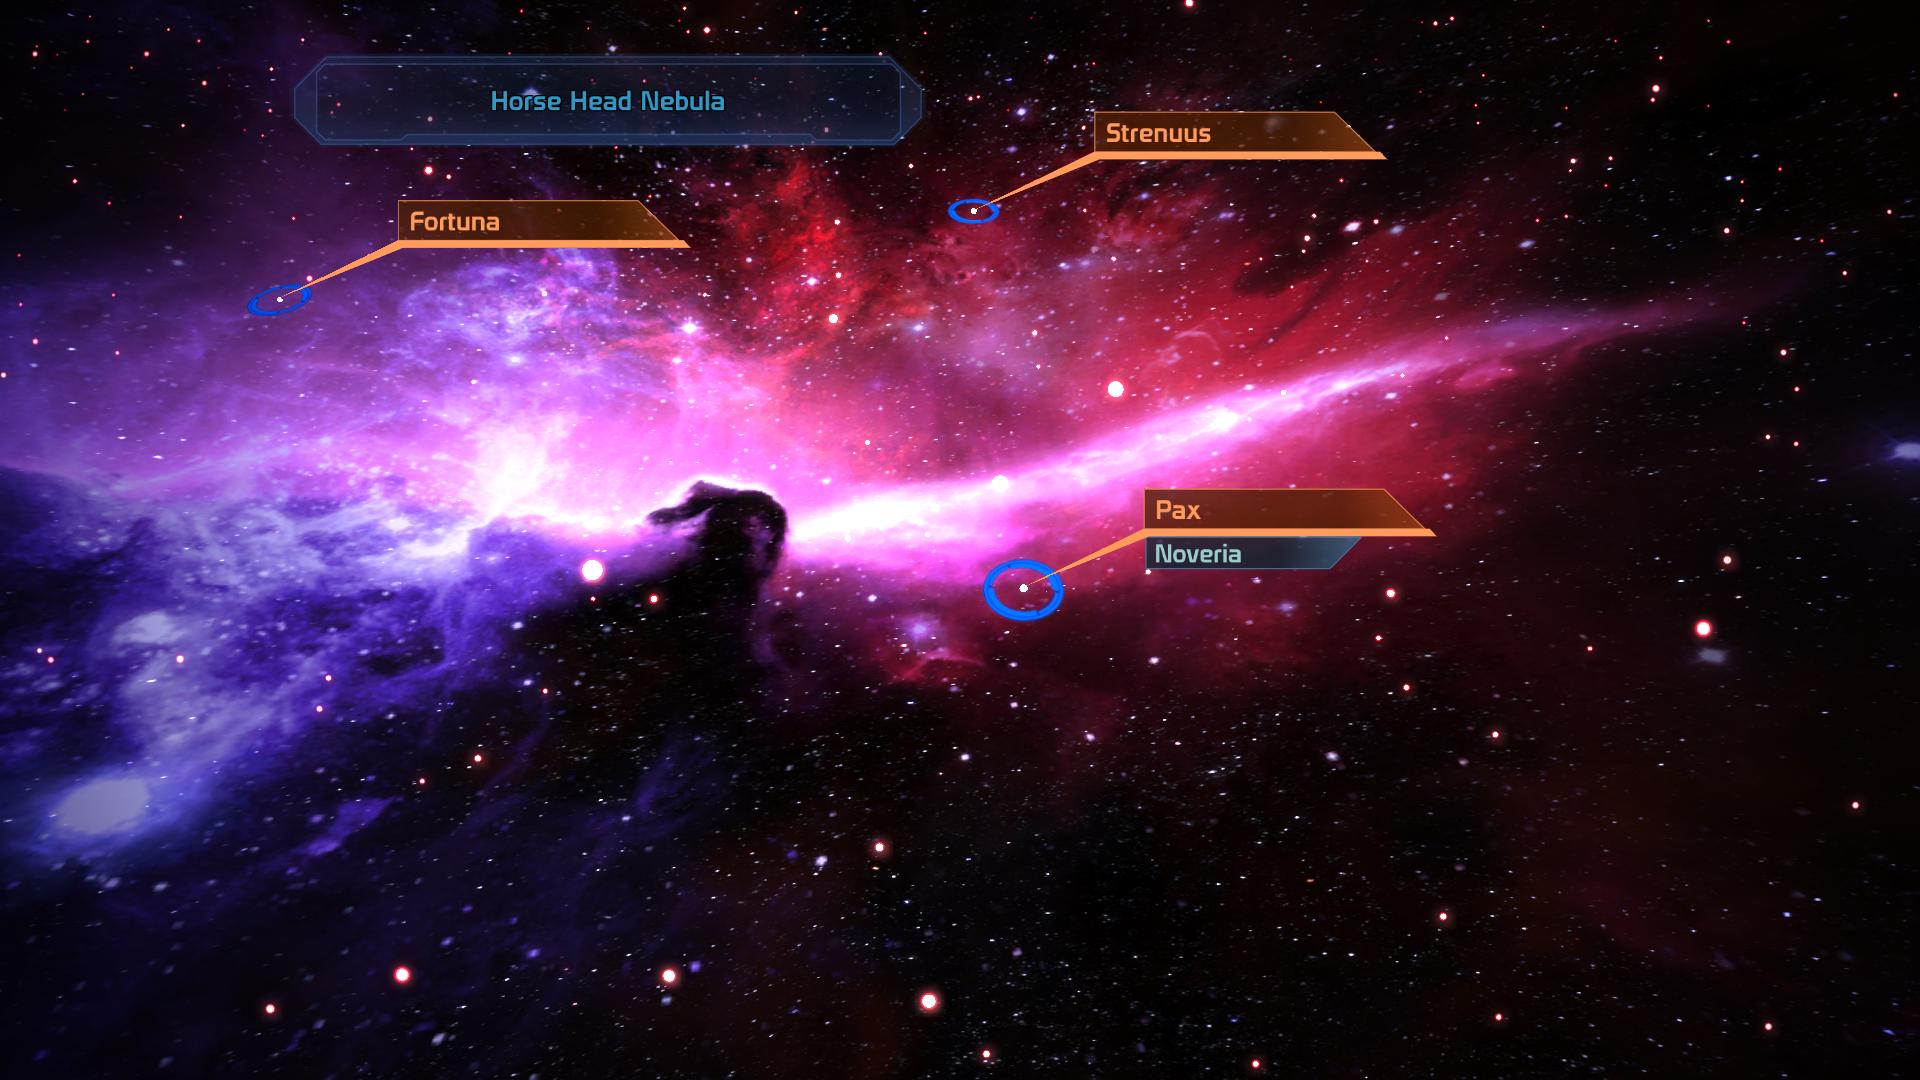 Top Wallpaper Horse Nebula - bdcca4b1a658a1be0577c092e6f49ed8  Pic_648497.jpg